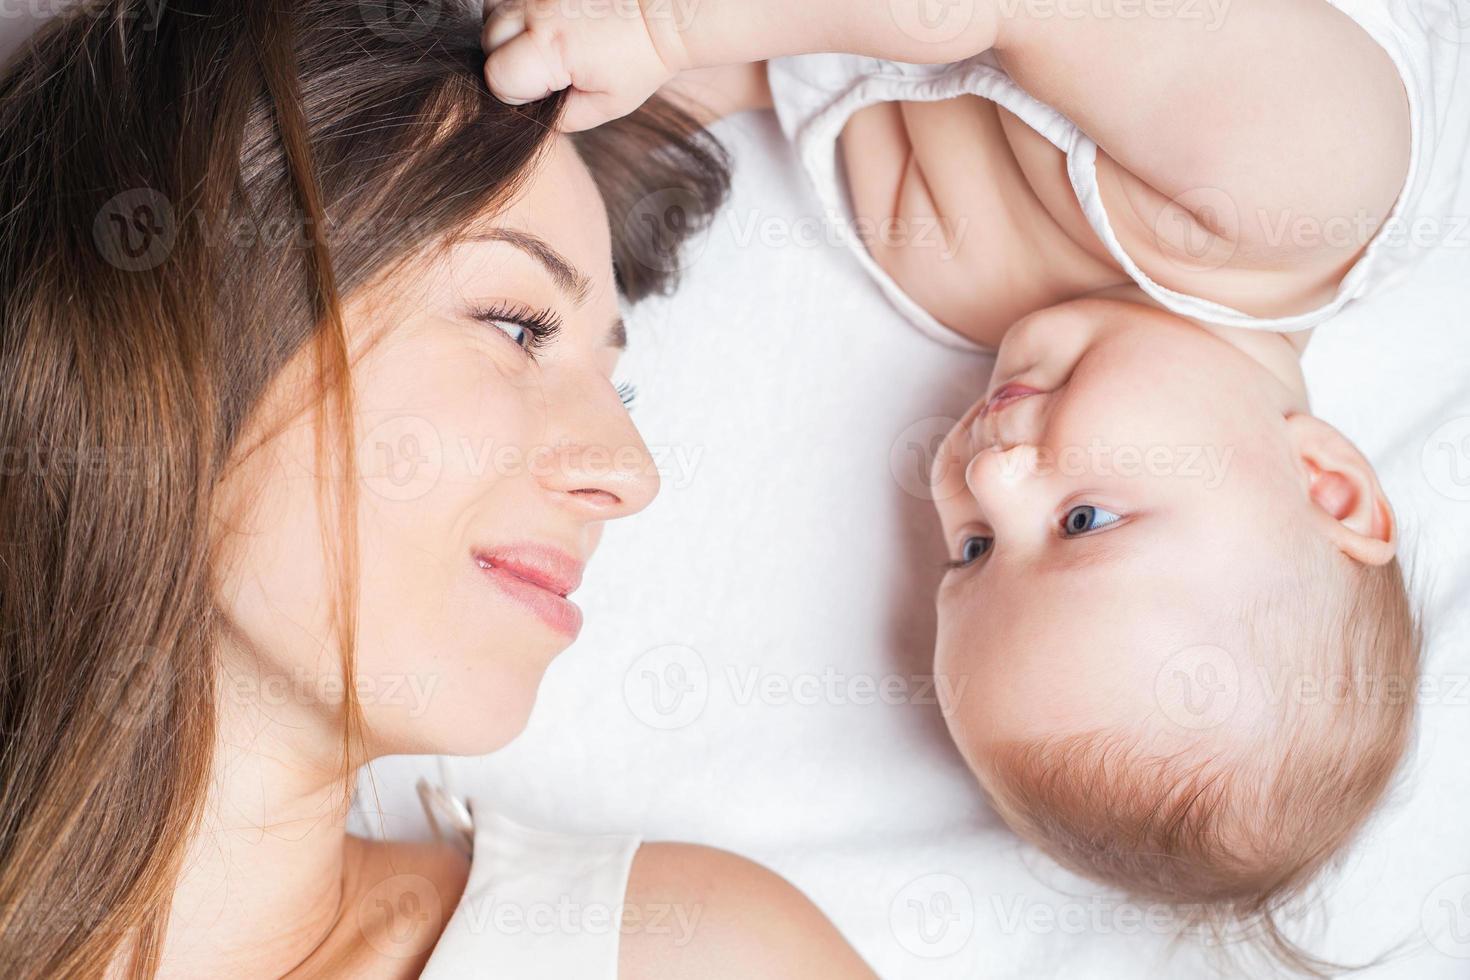 gelukkige moeder met een baby liggend op een wit bed foto